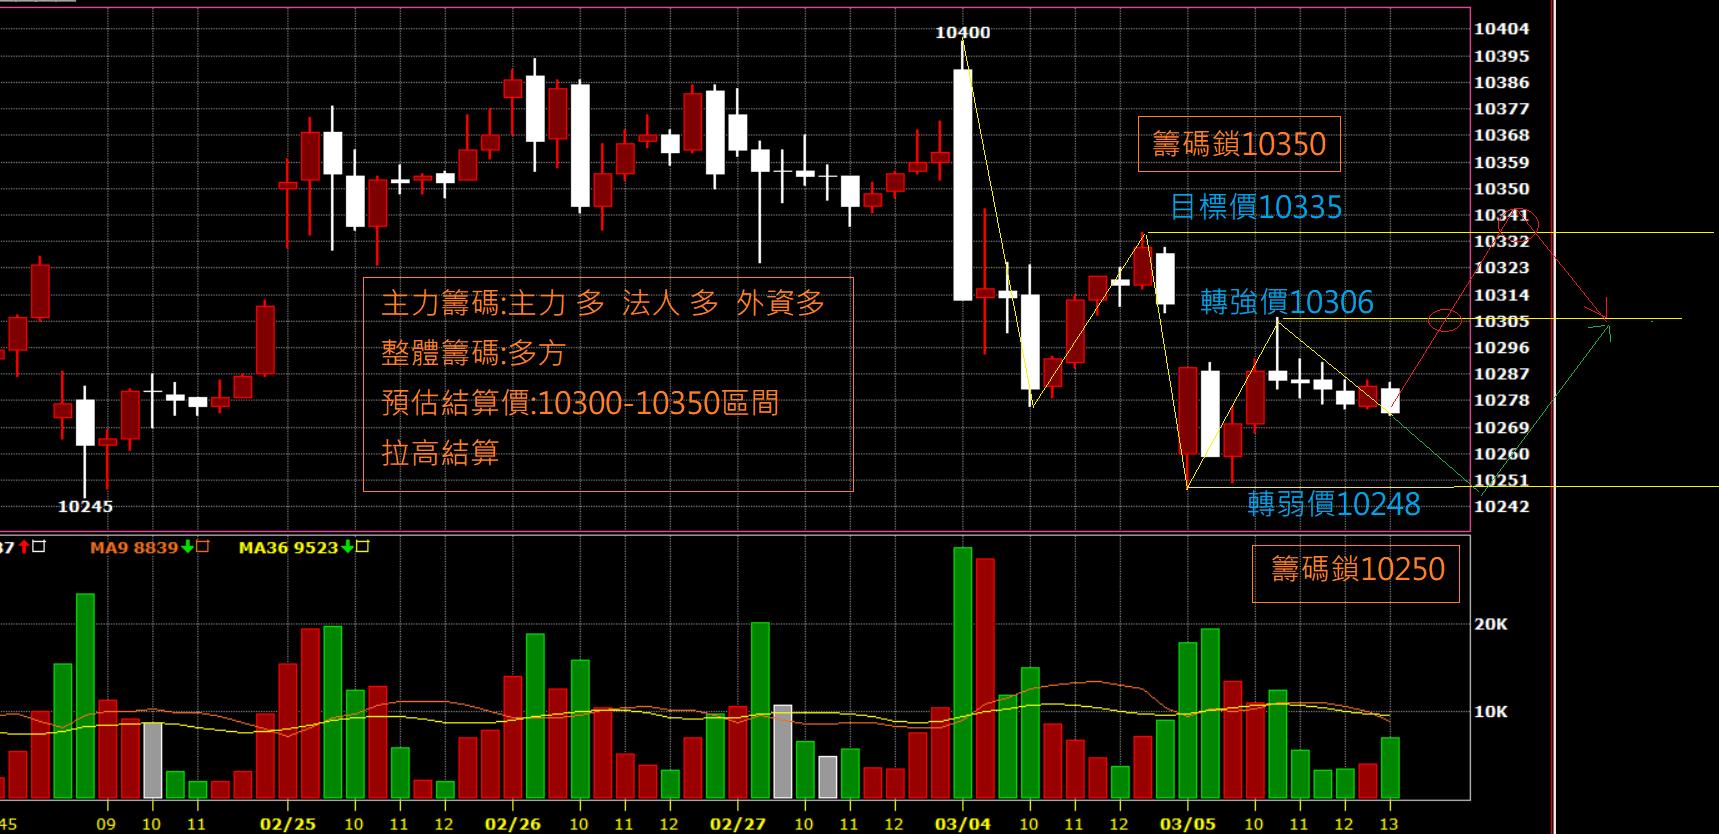 03月06日~~~期貨盤前分析圖表~~~拉高結算!!!